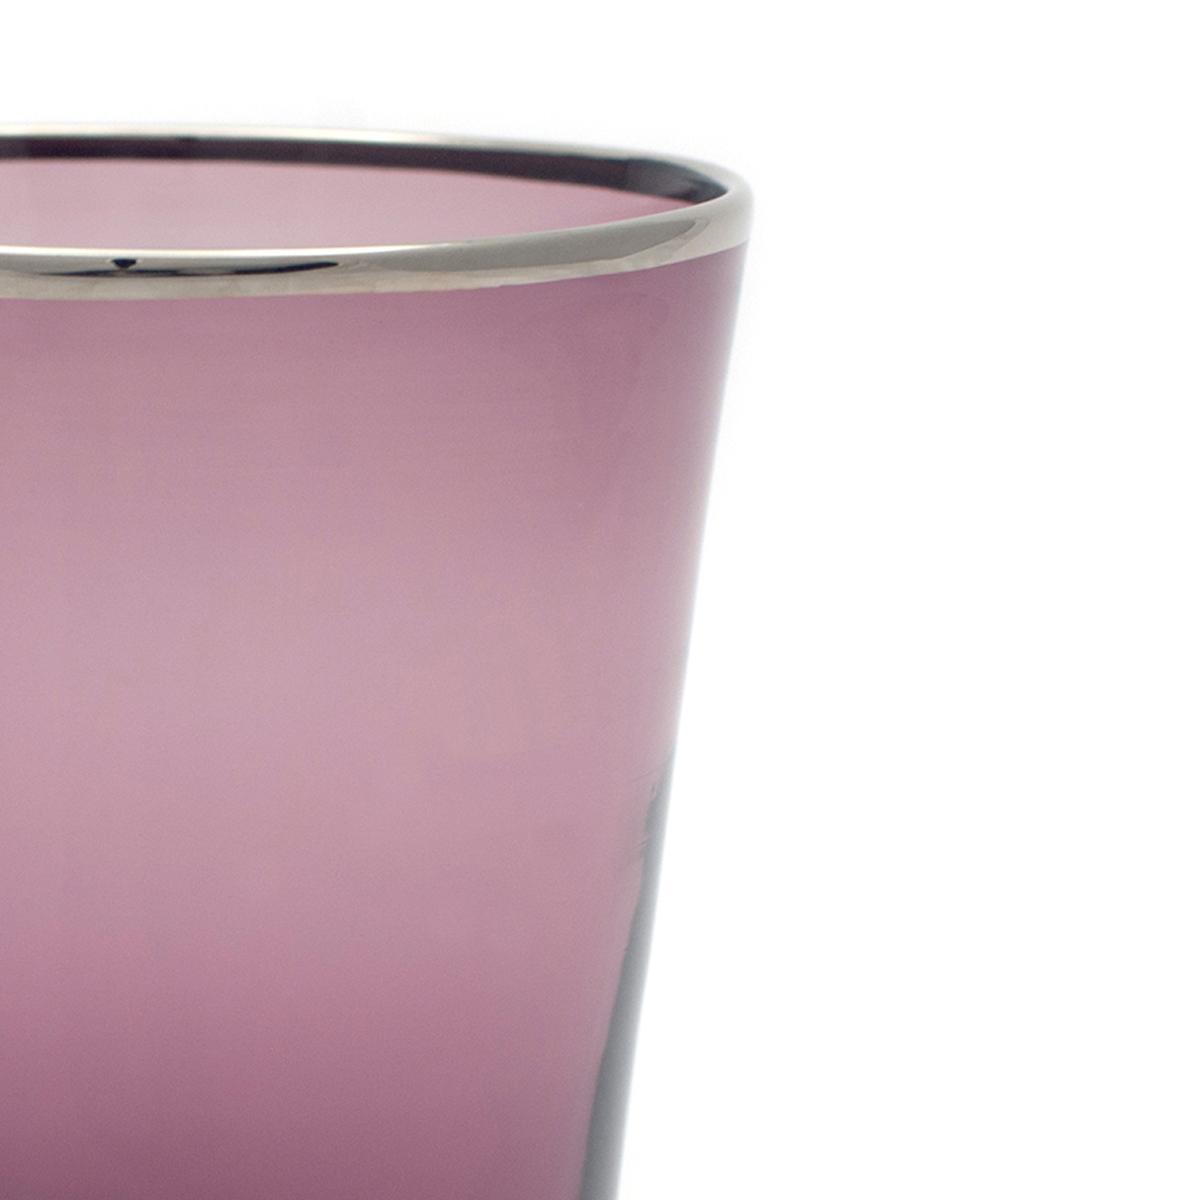 vaso_glass_wine_murano_platinum_rim_design_giberto_handmade_detail